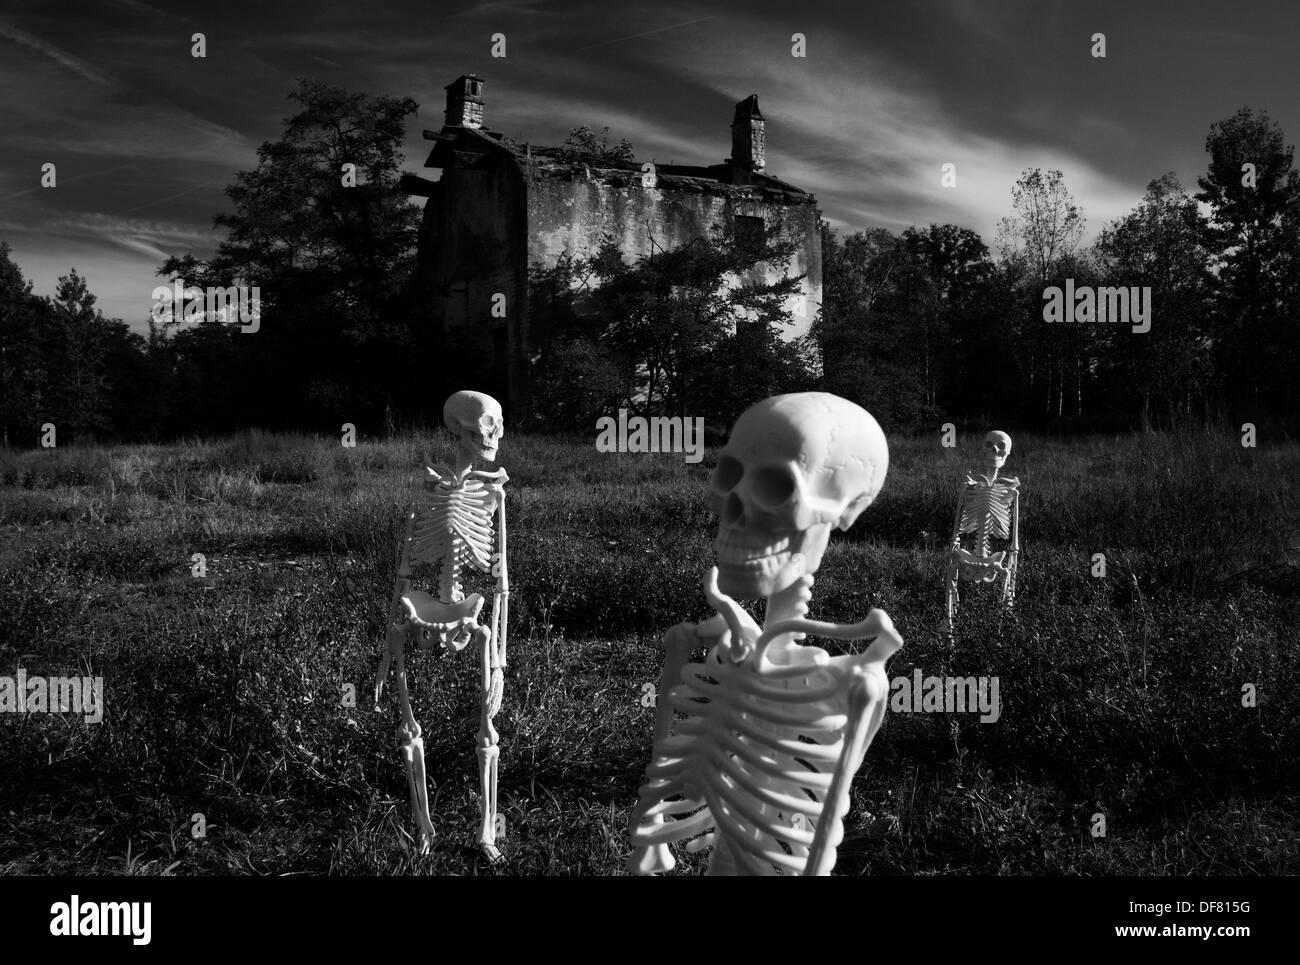 Walking skeletons - Stock Image